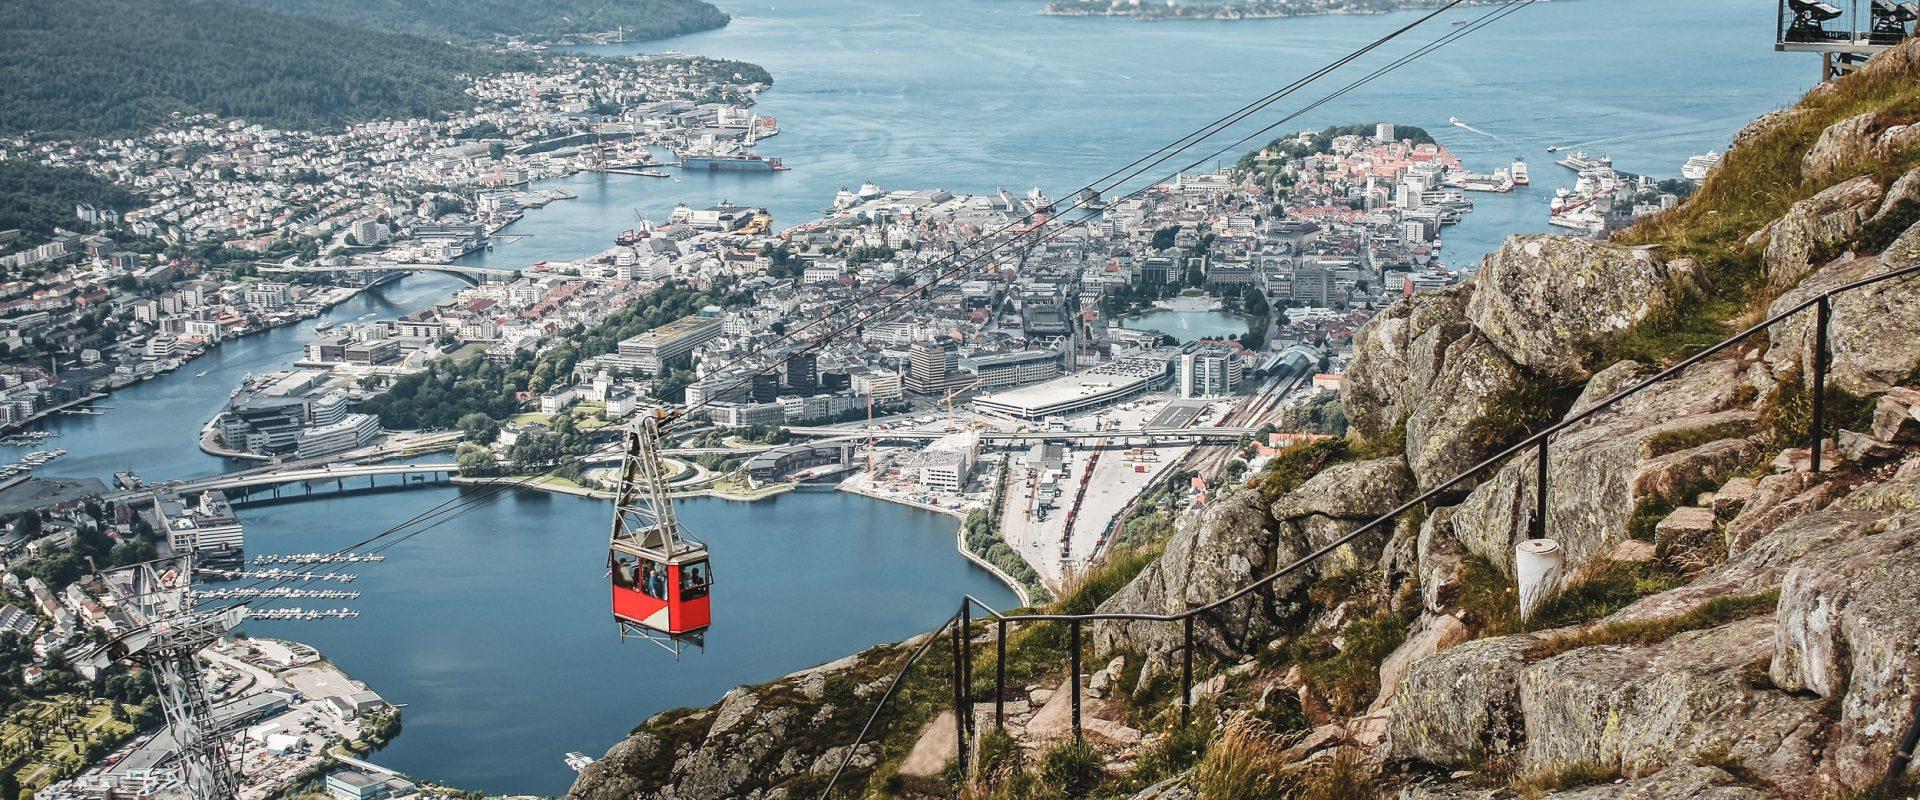 Fløybanen med oversikt over Bergen hvor Inventura har kontor